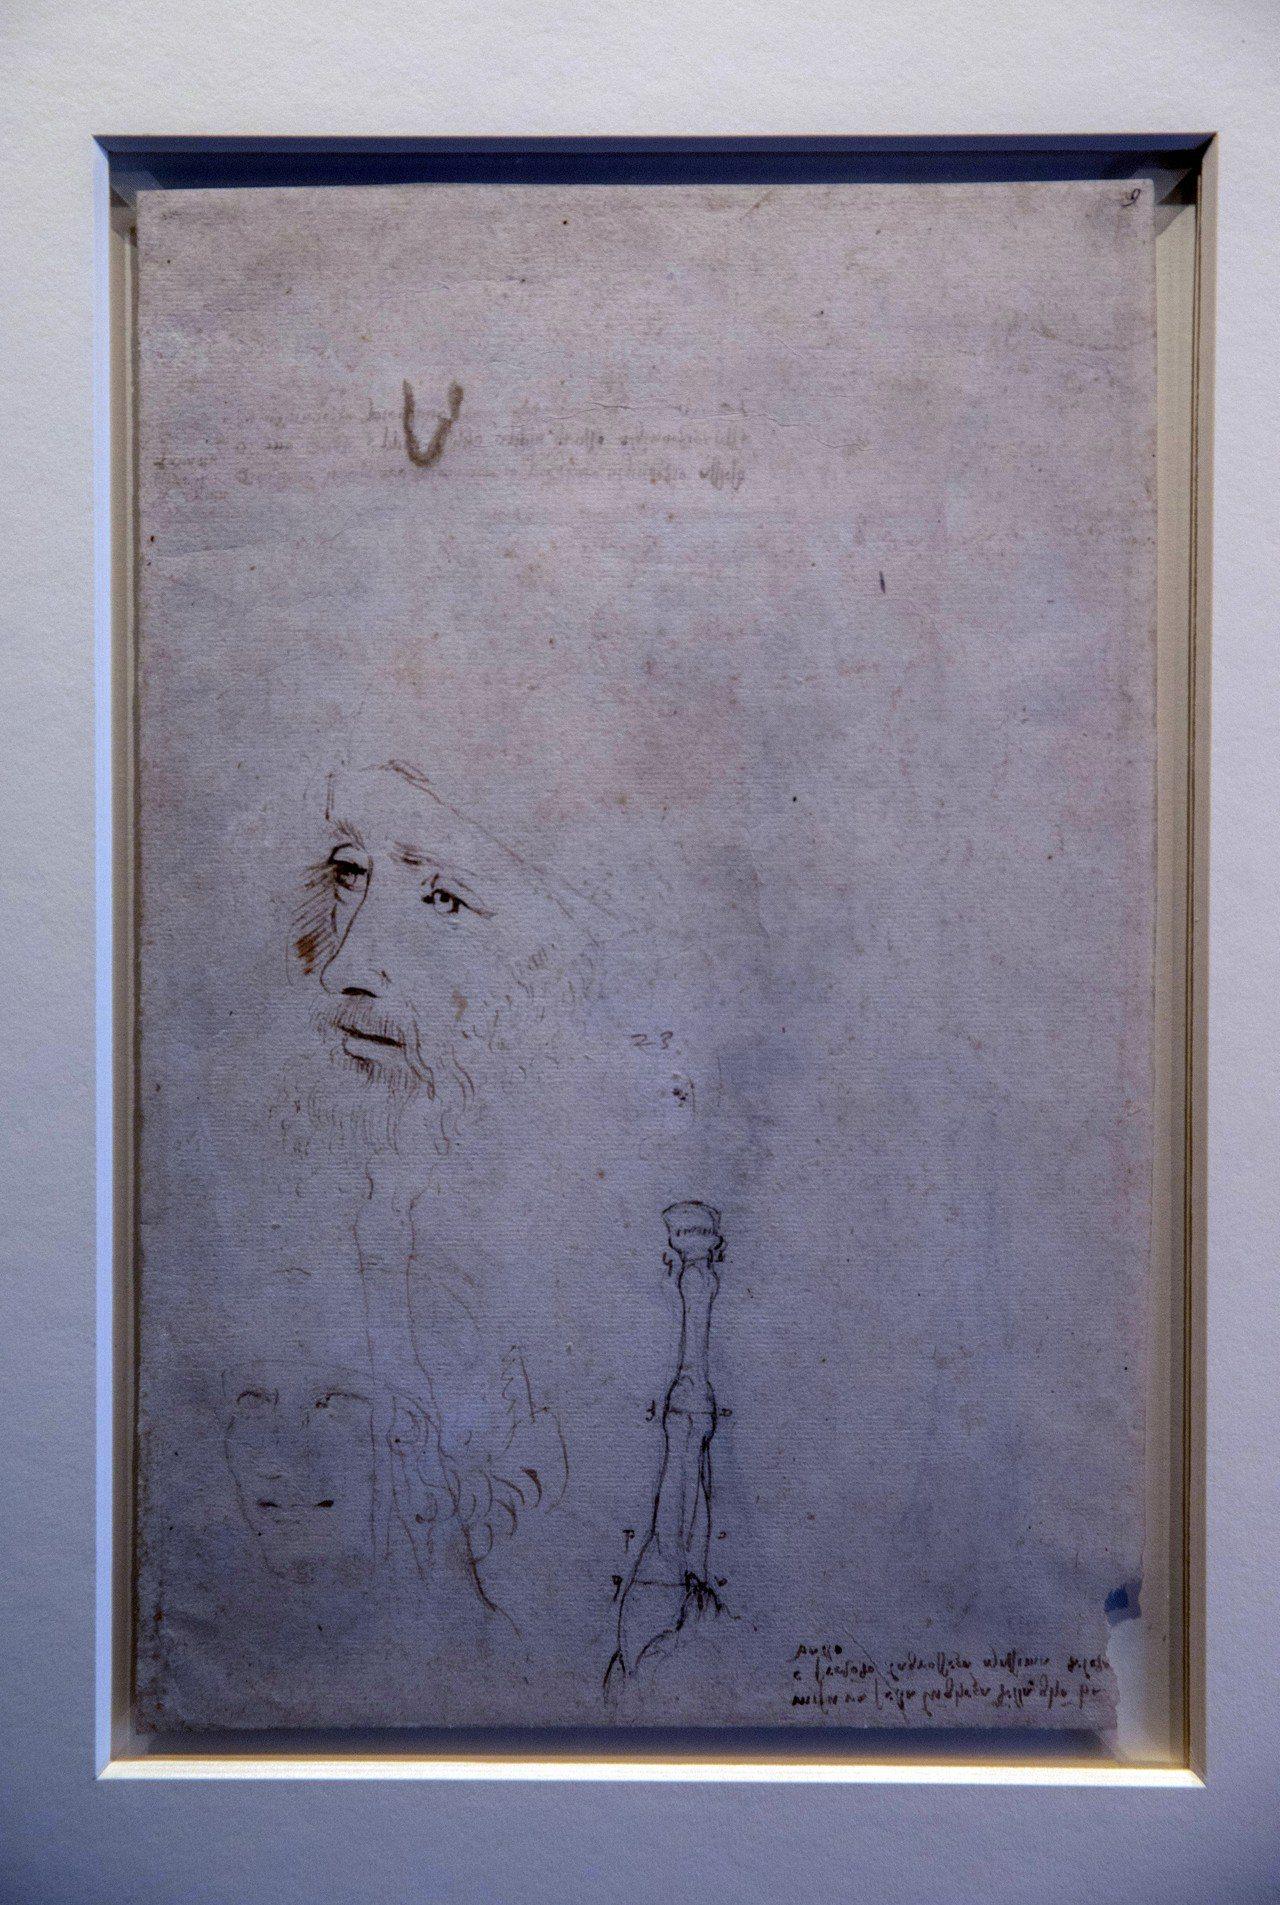 英國王室收藏的這幅肖像畫,最近被證實是義大利文藝復興時代藝術家達文西過世前不久的...